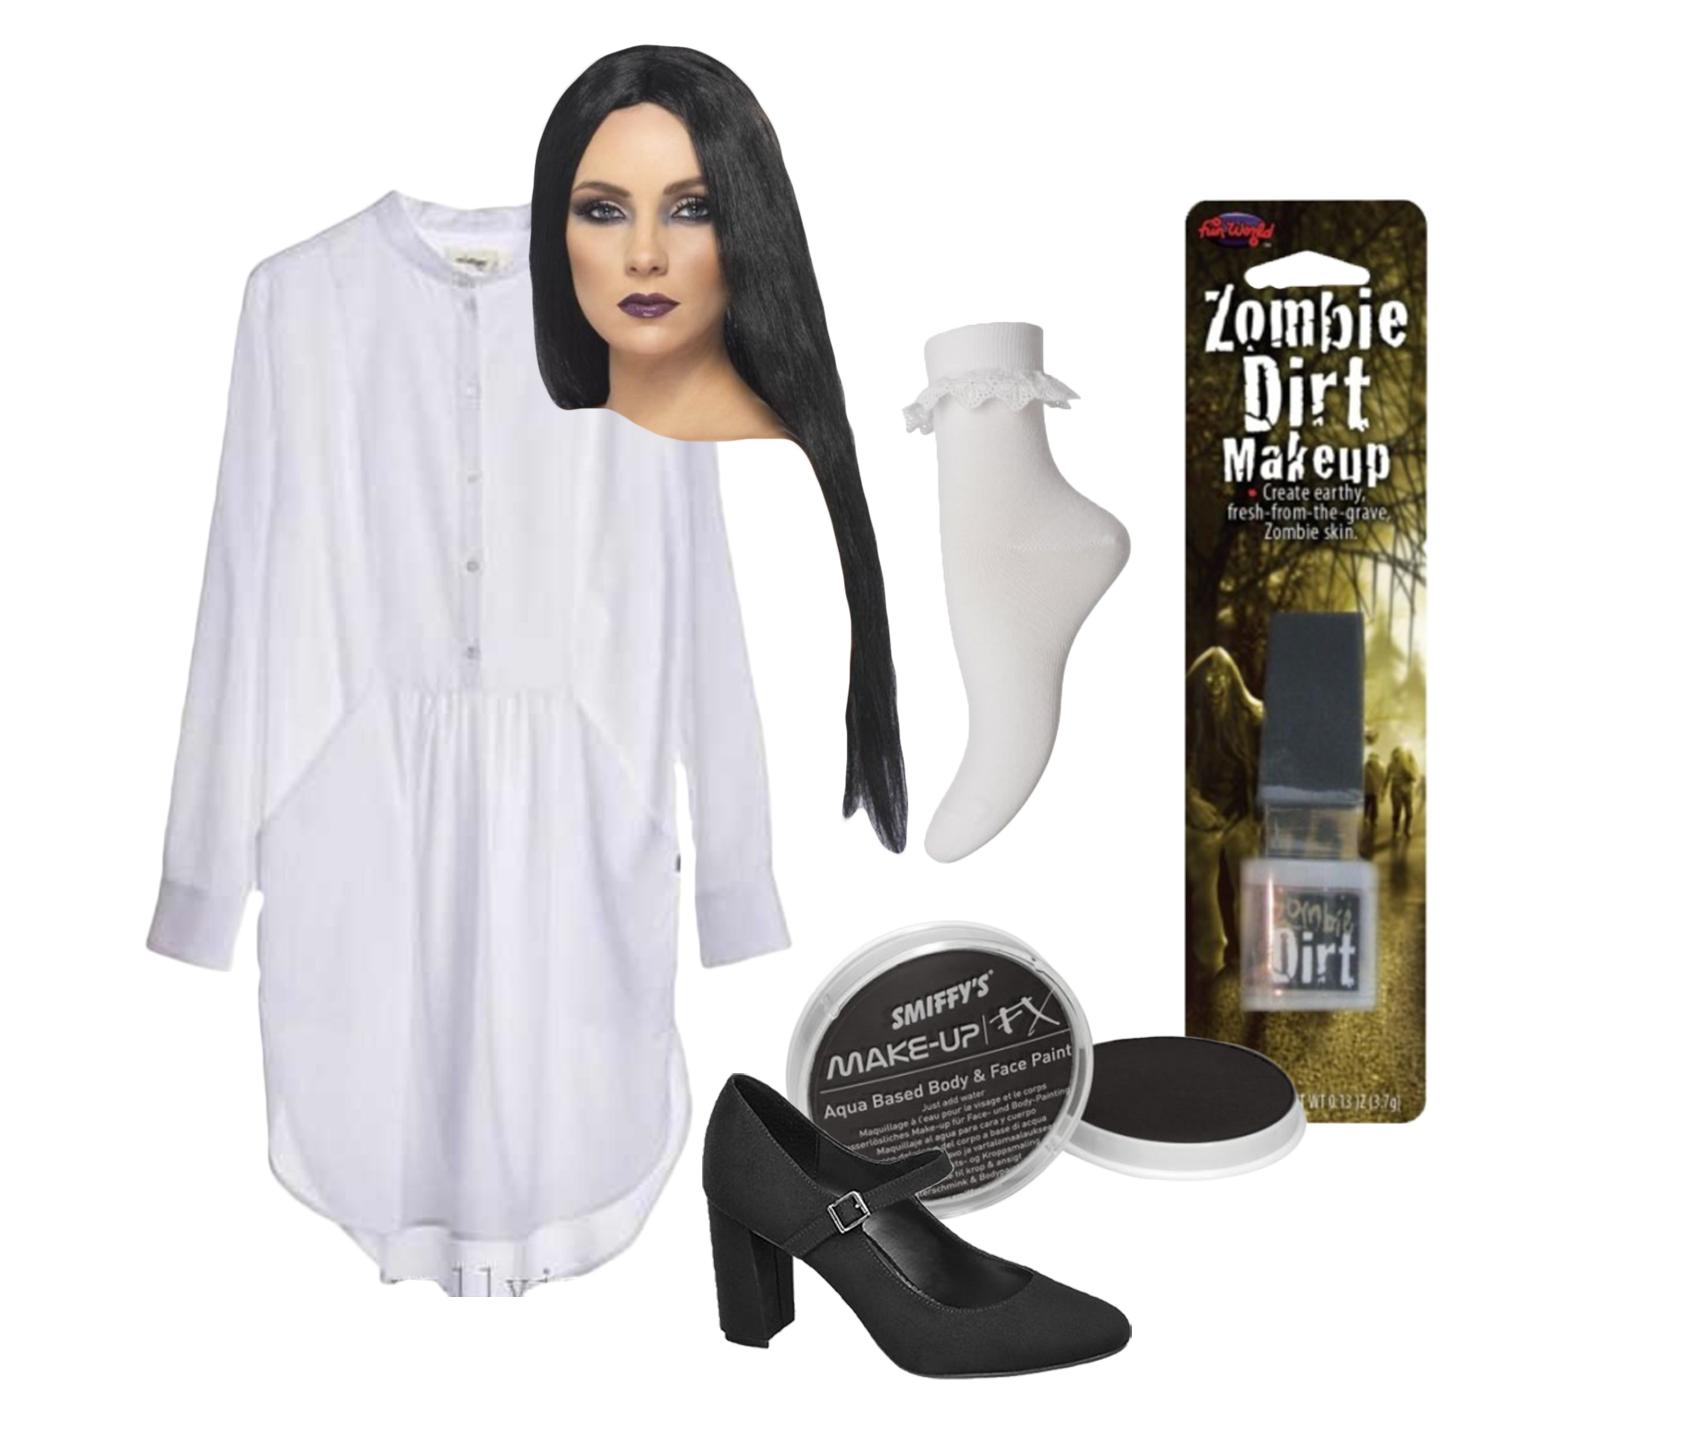 kostume, udklædning, uhygge, uhyggelig, halloween, halloweenkostume